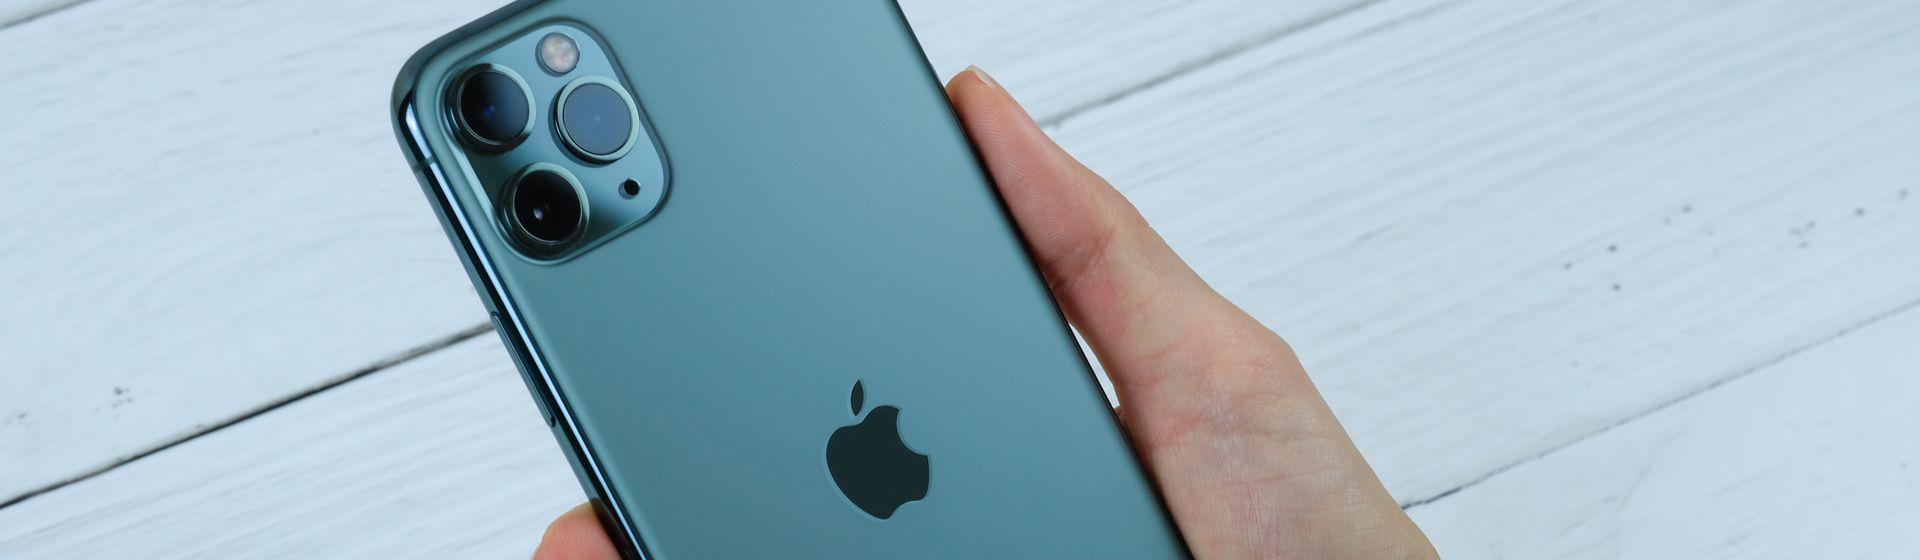 Celulares mais vendidos em maio de 2021: iPhone 11 é destaque